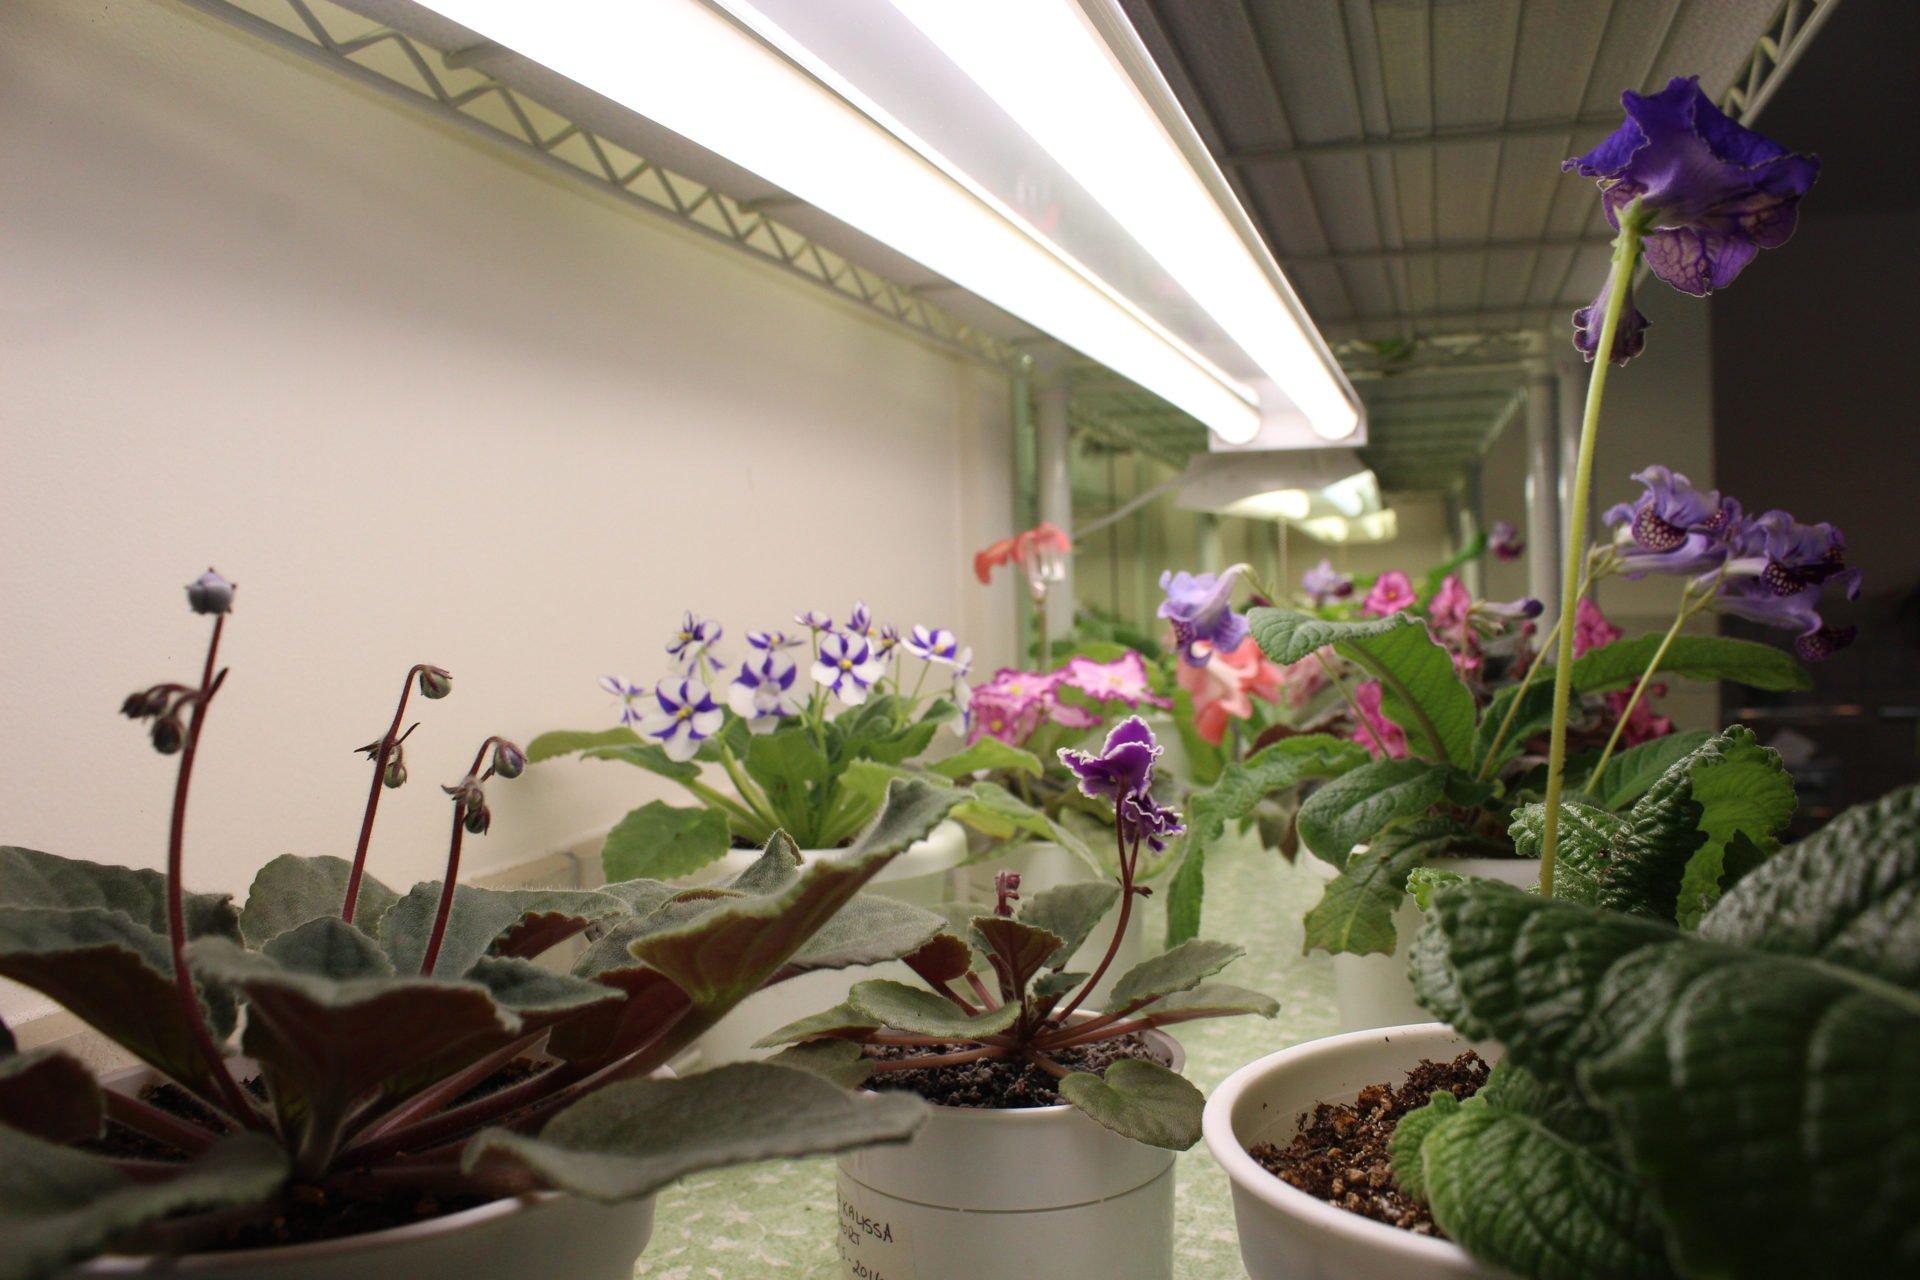 African violets under lights